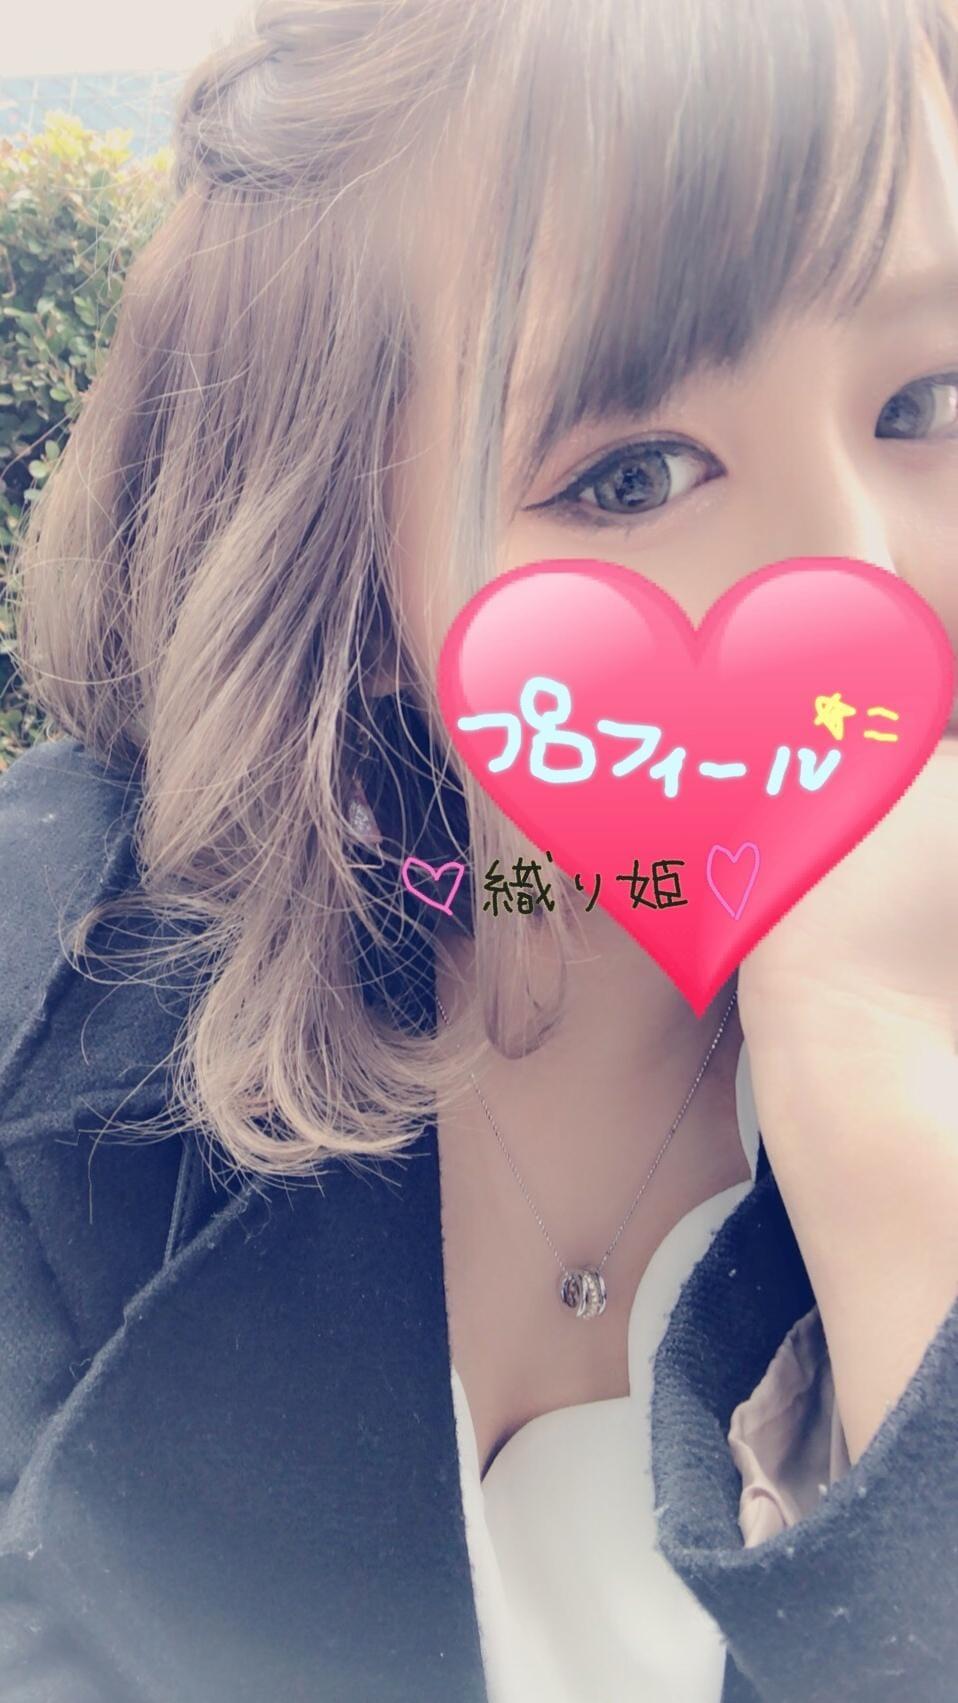 「お礼♪♪」07/17(火) 03:27 | 織り姫/おりひめの写メ・風俗動画